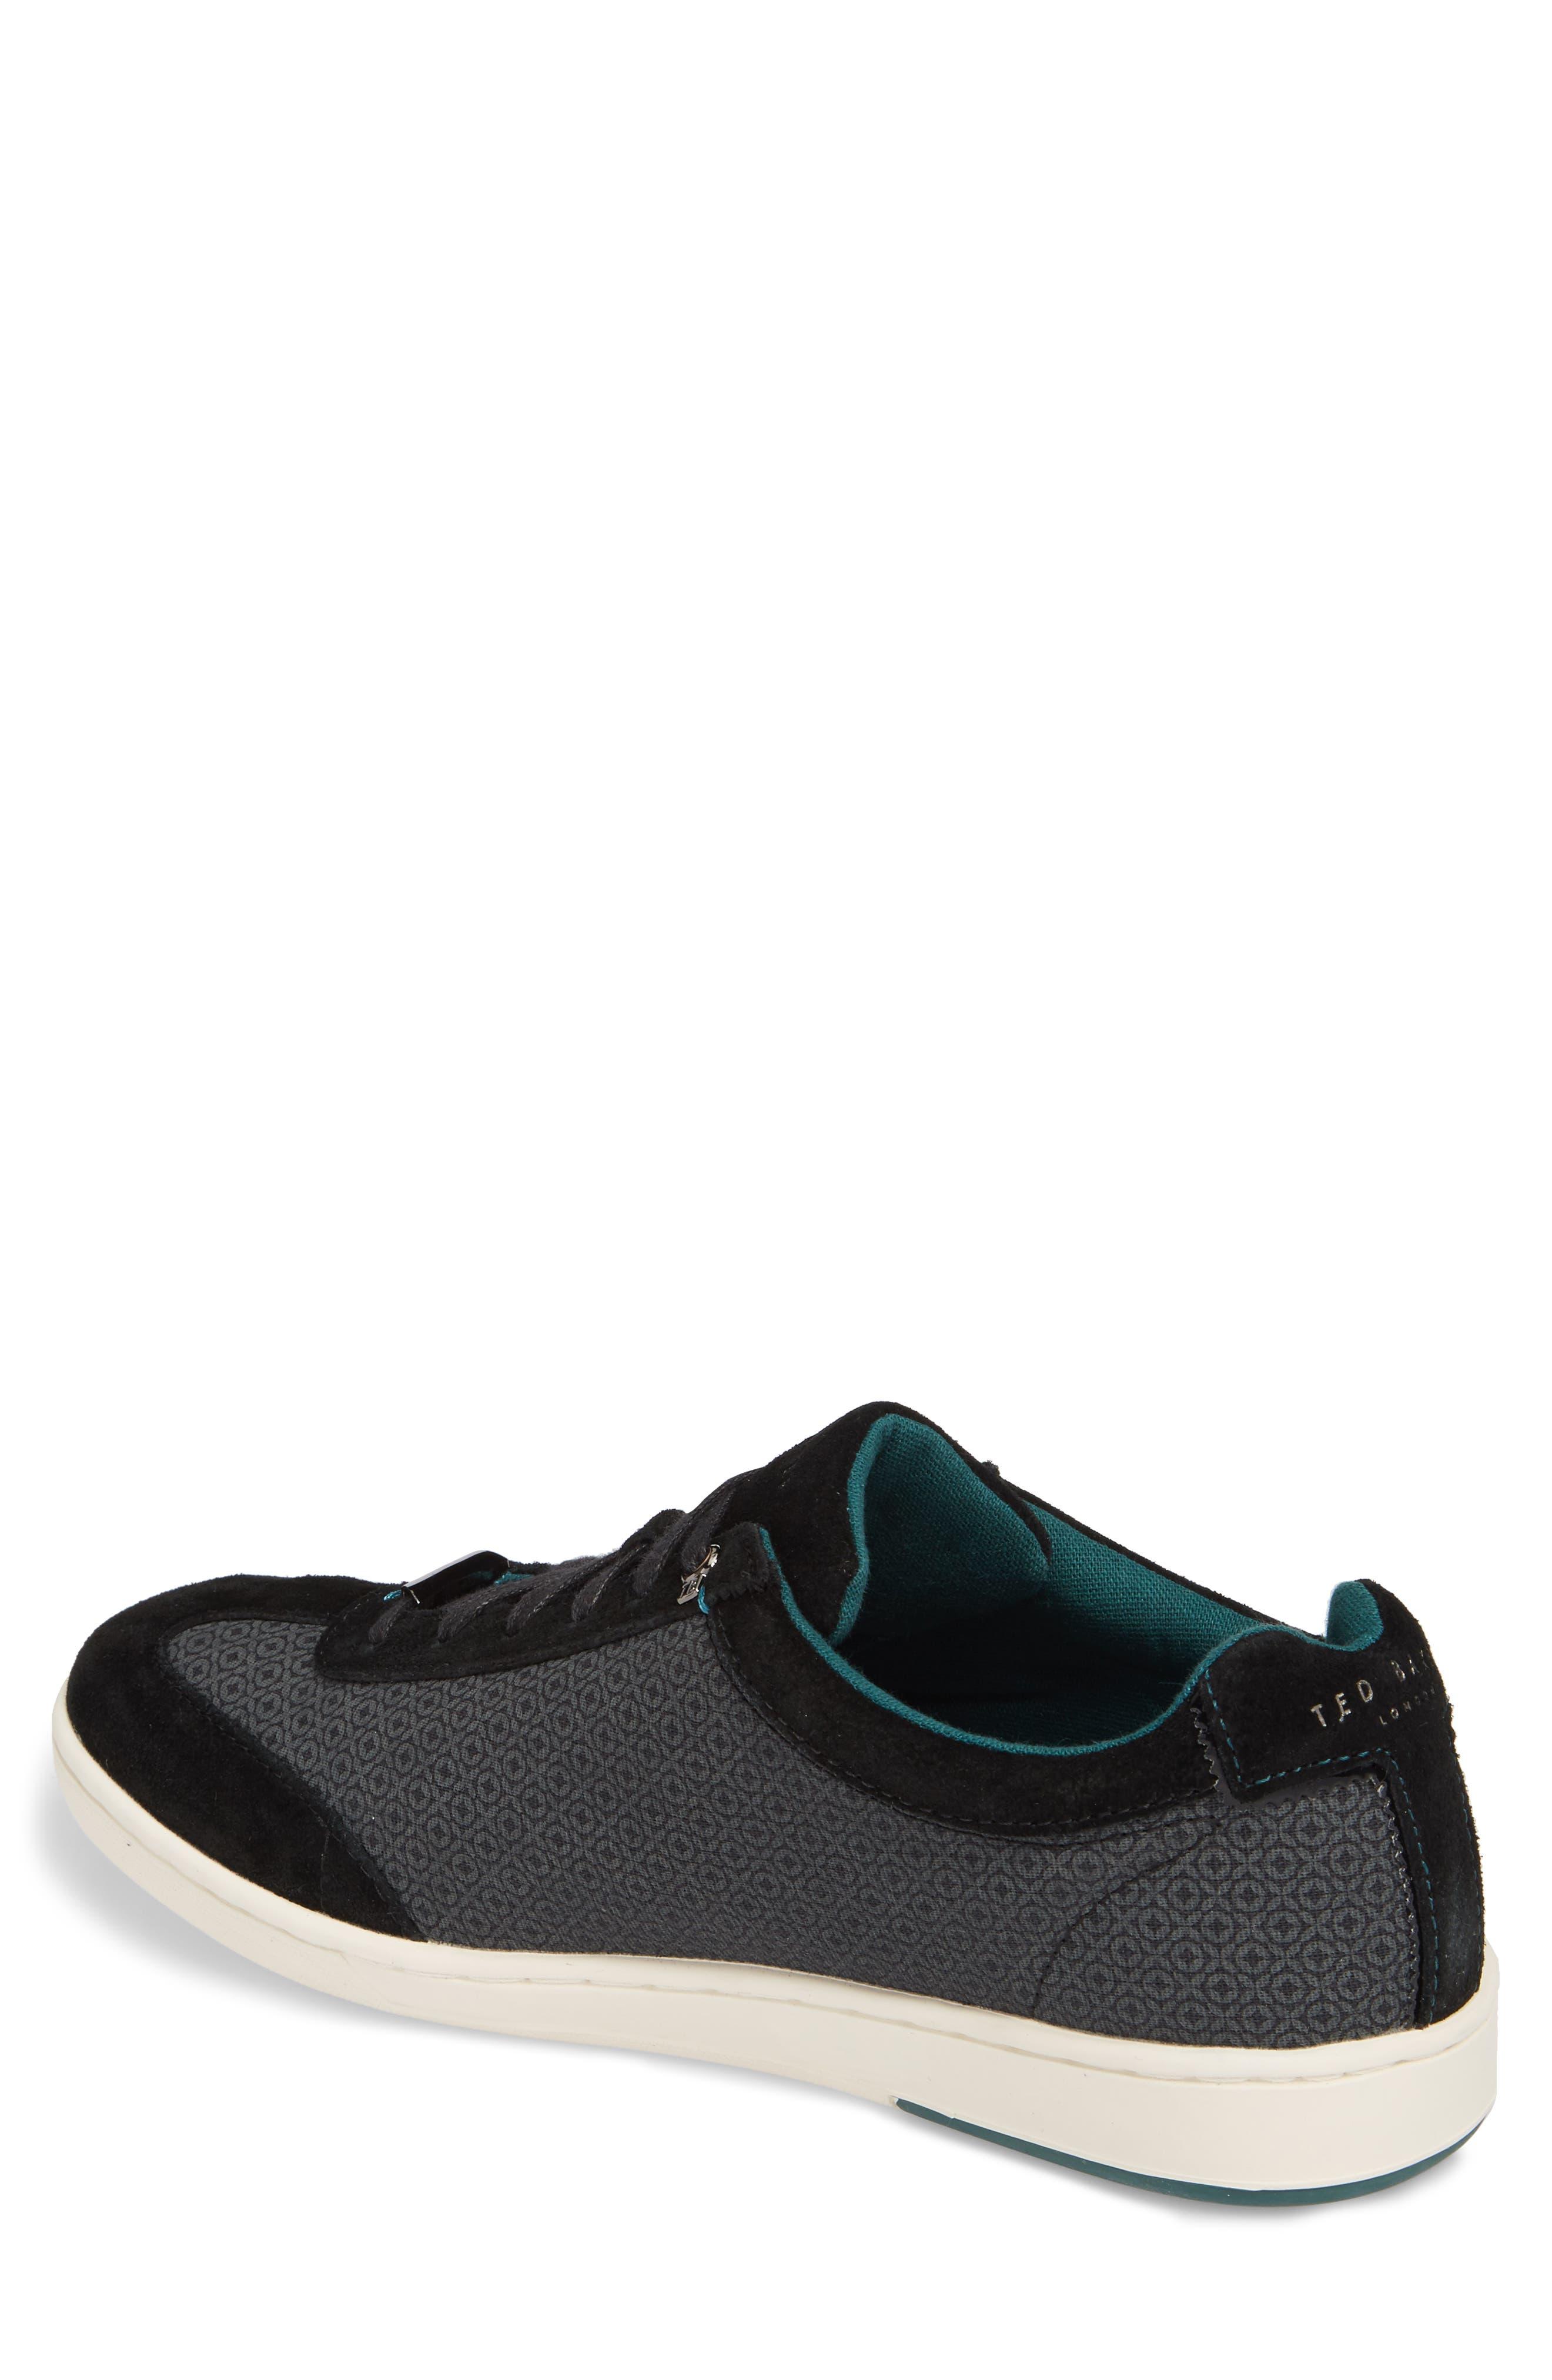 Alternate Image 2  - Ted Baker London Kiefer Sneaker (Men)